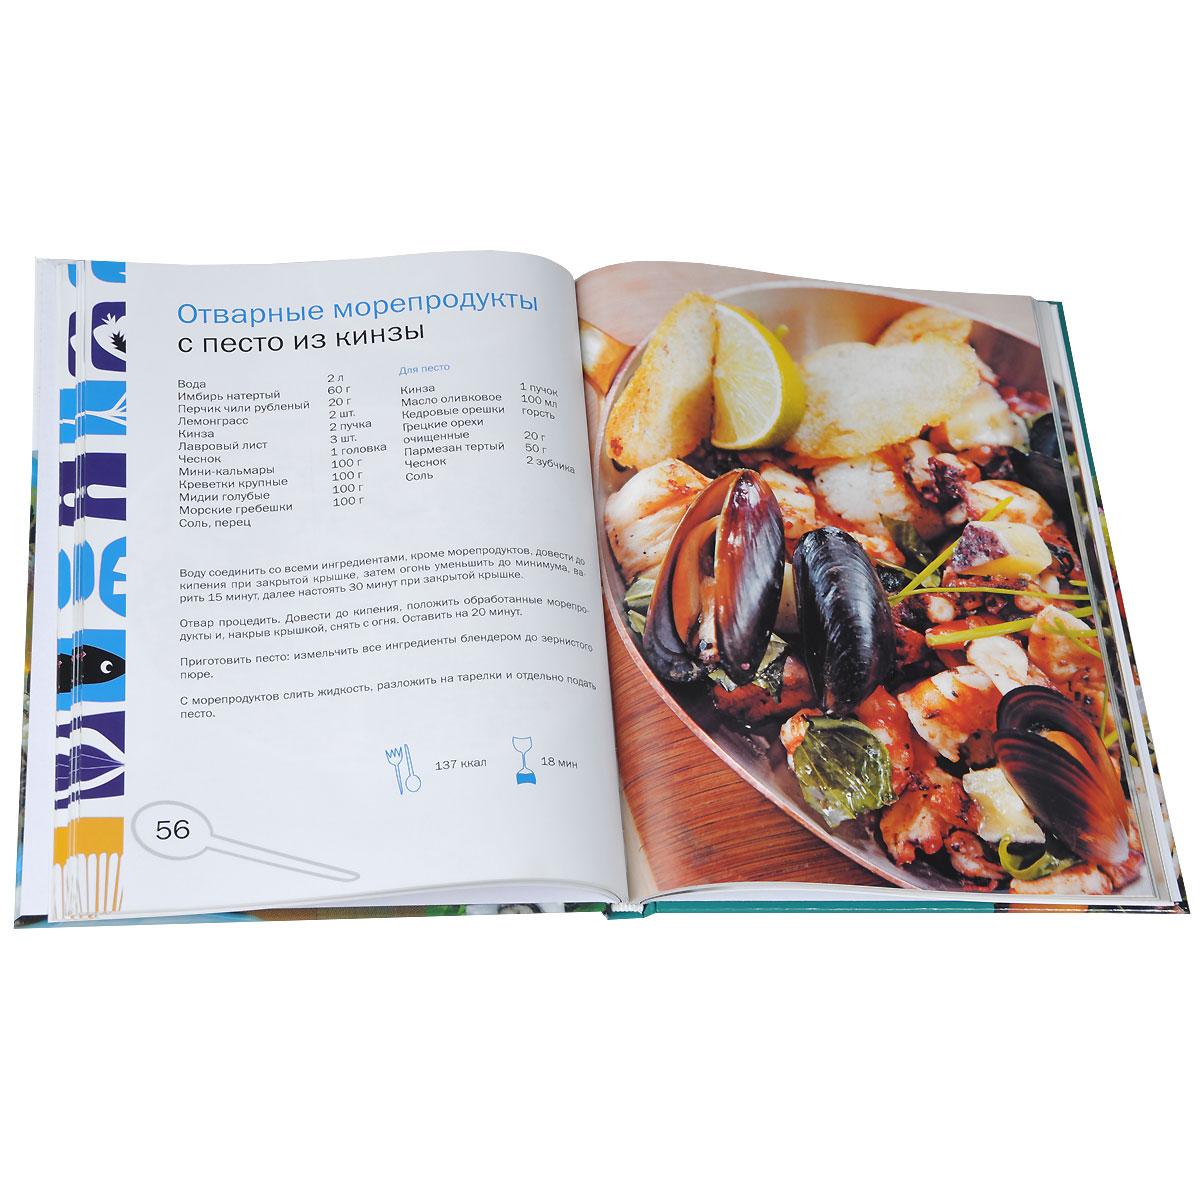 Морепродукты. Оригинальные рецепты от профессионалов.